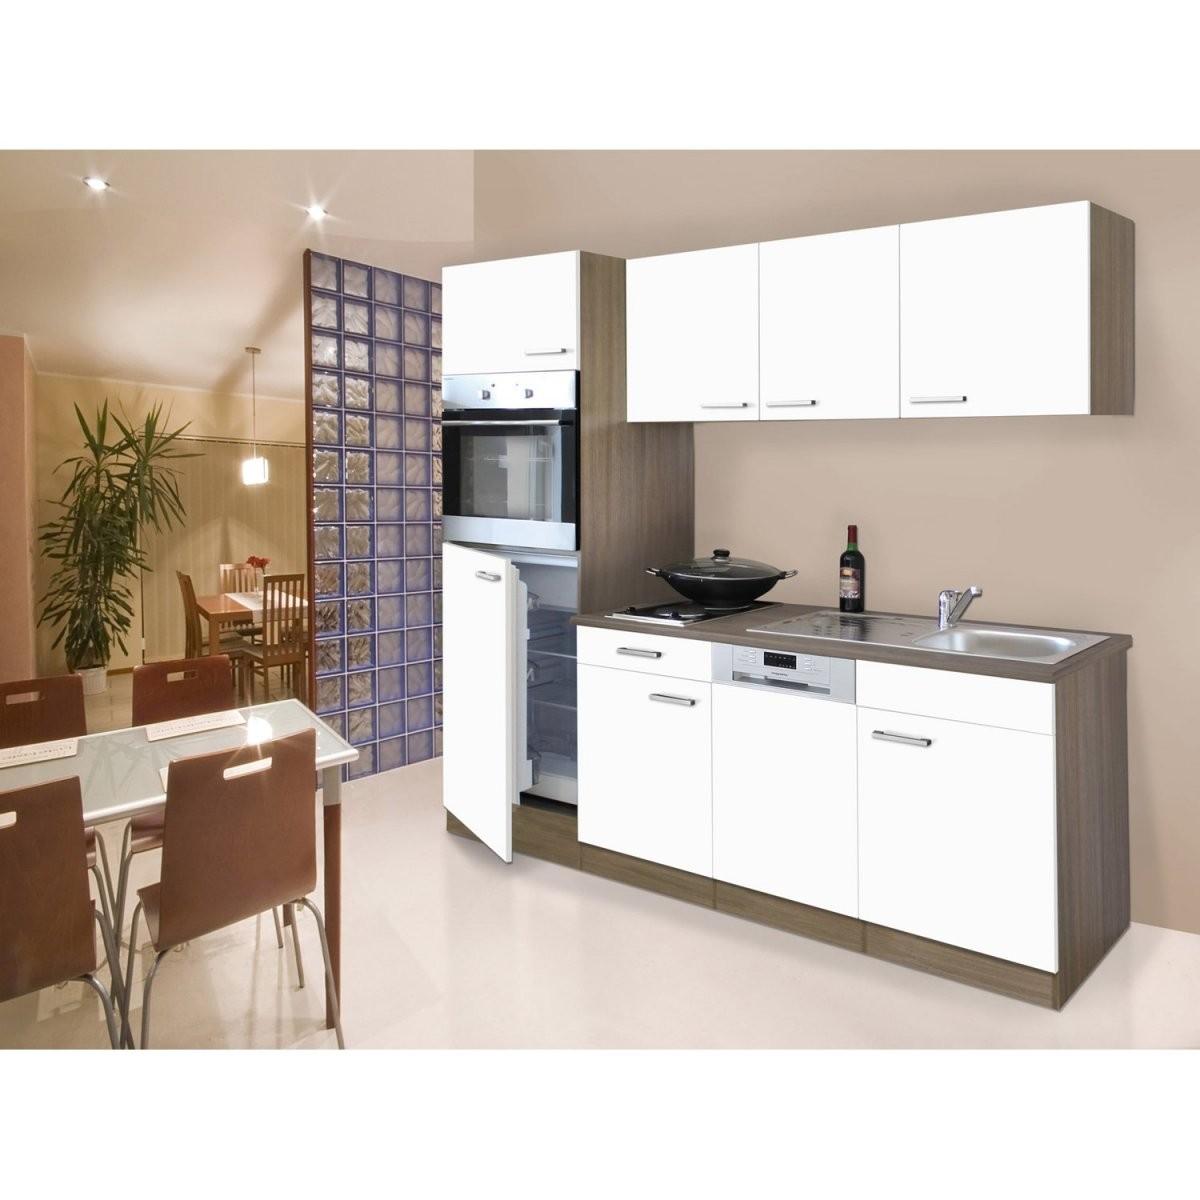 Küchenzeilen – Infos Und Günstig Online Kaufen von Küchenzeile Mit Elektrogeräten Ohne Kühlschrank Photo